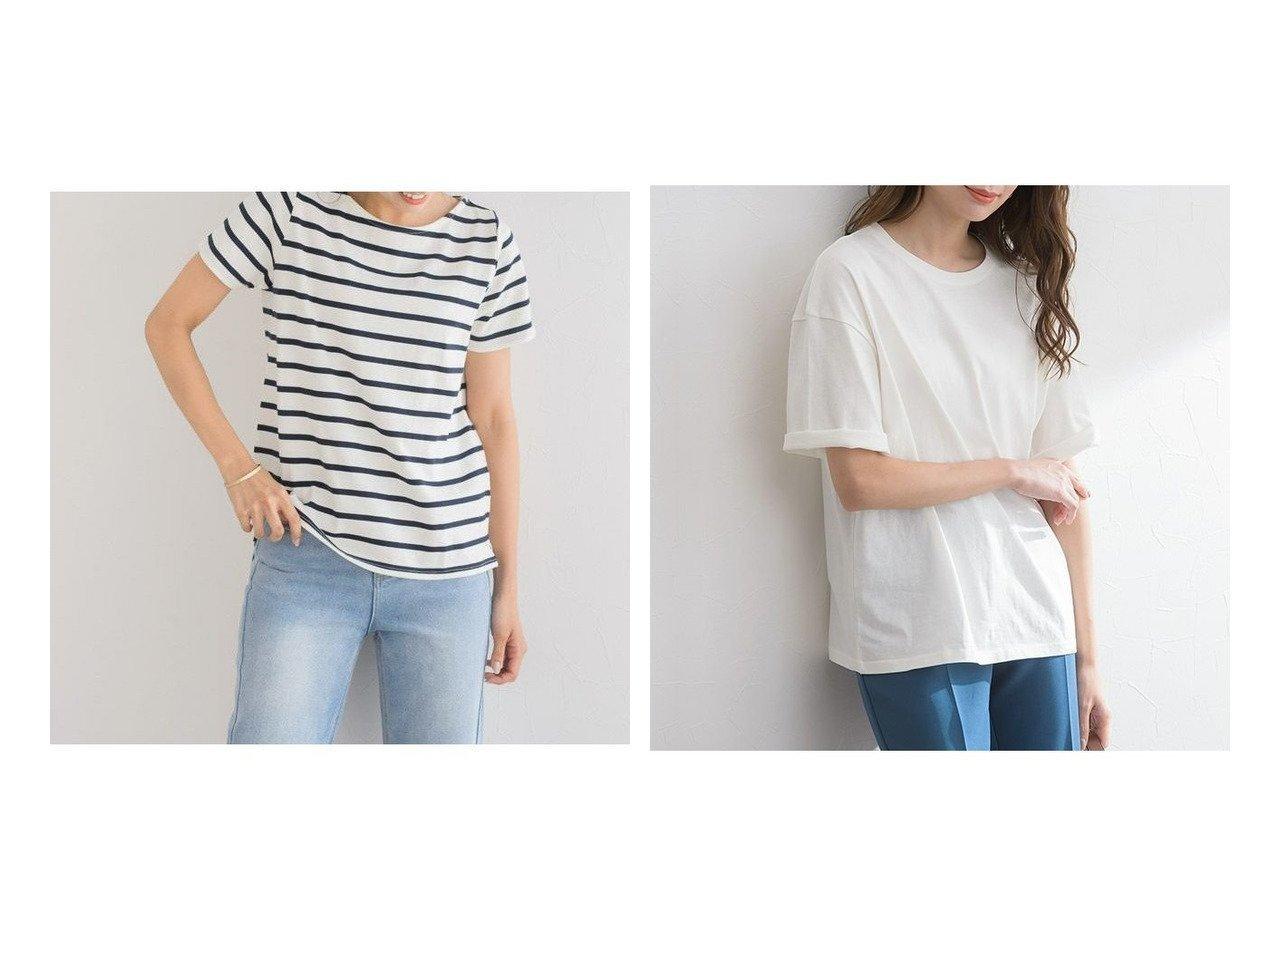 【Pierrot/ピエロ】の選べる地厚綿100%Tシャツ&クルーネックTシャツ おすすめ!人気!プチプライスで上品なファッションアイテムの通販  おすすめで人気の流行・トレンド、ファッションの通販商品 メンズファッション・キッズファッション・インテリア・家具・レディースファッション・服の通販 founy(ファニー) https://founy.com/ ファッション Fashion レディースファッション WOMEN トップス カットソー Tops Tshirt シャツ/ブラウス Shirts Blouses ロング / Tシャツ T-Shirts カットソー シンプル スリット ボーダー 無地 リラックス プチプライス・低価格 Affordable |ID:crp329100000021300